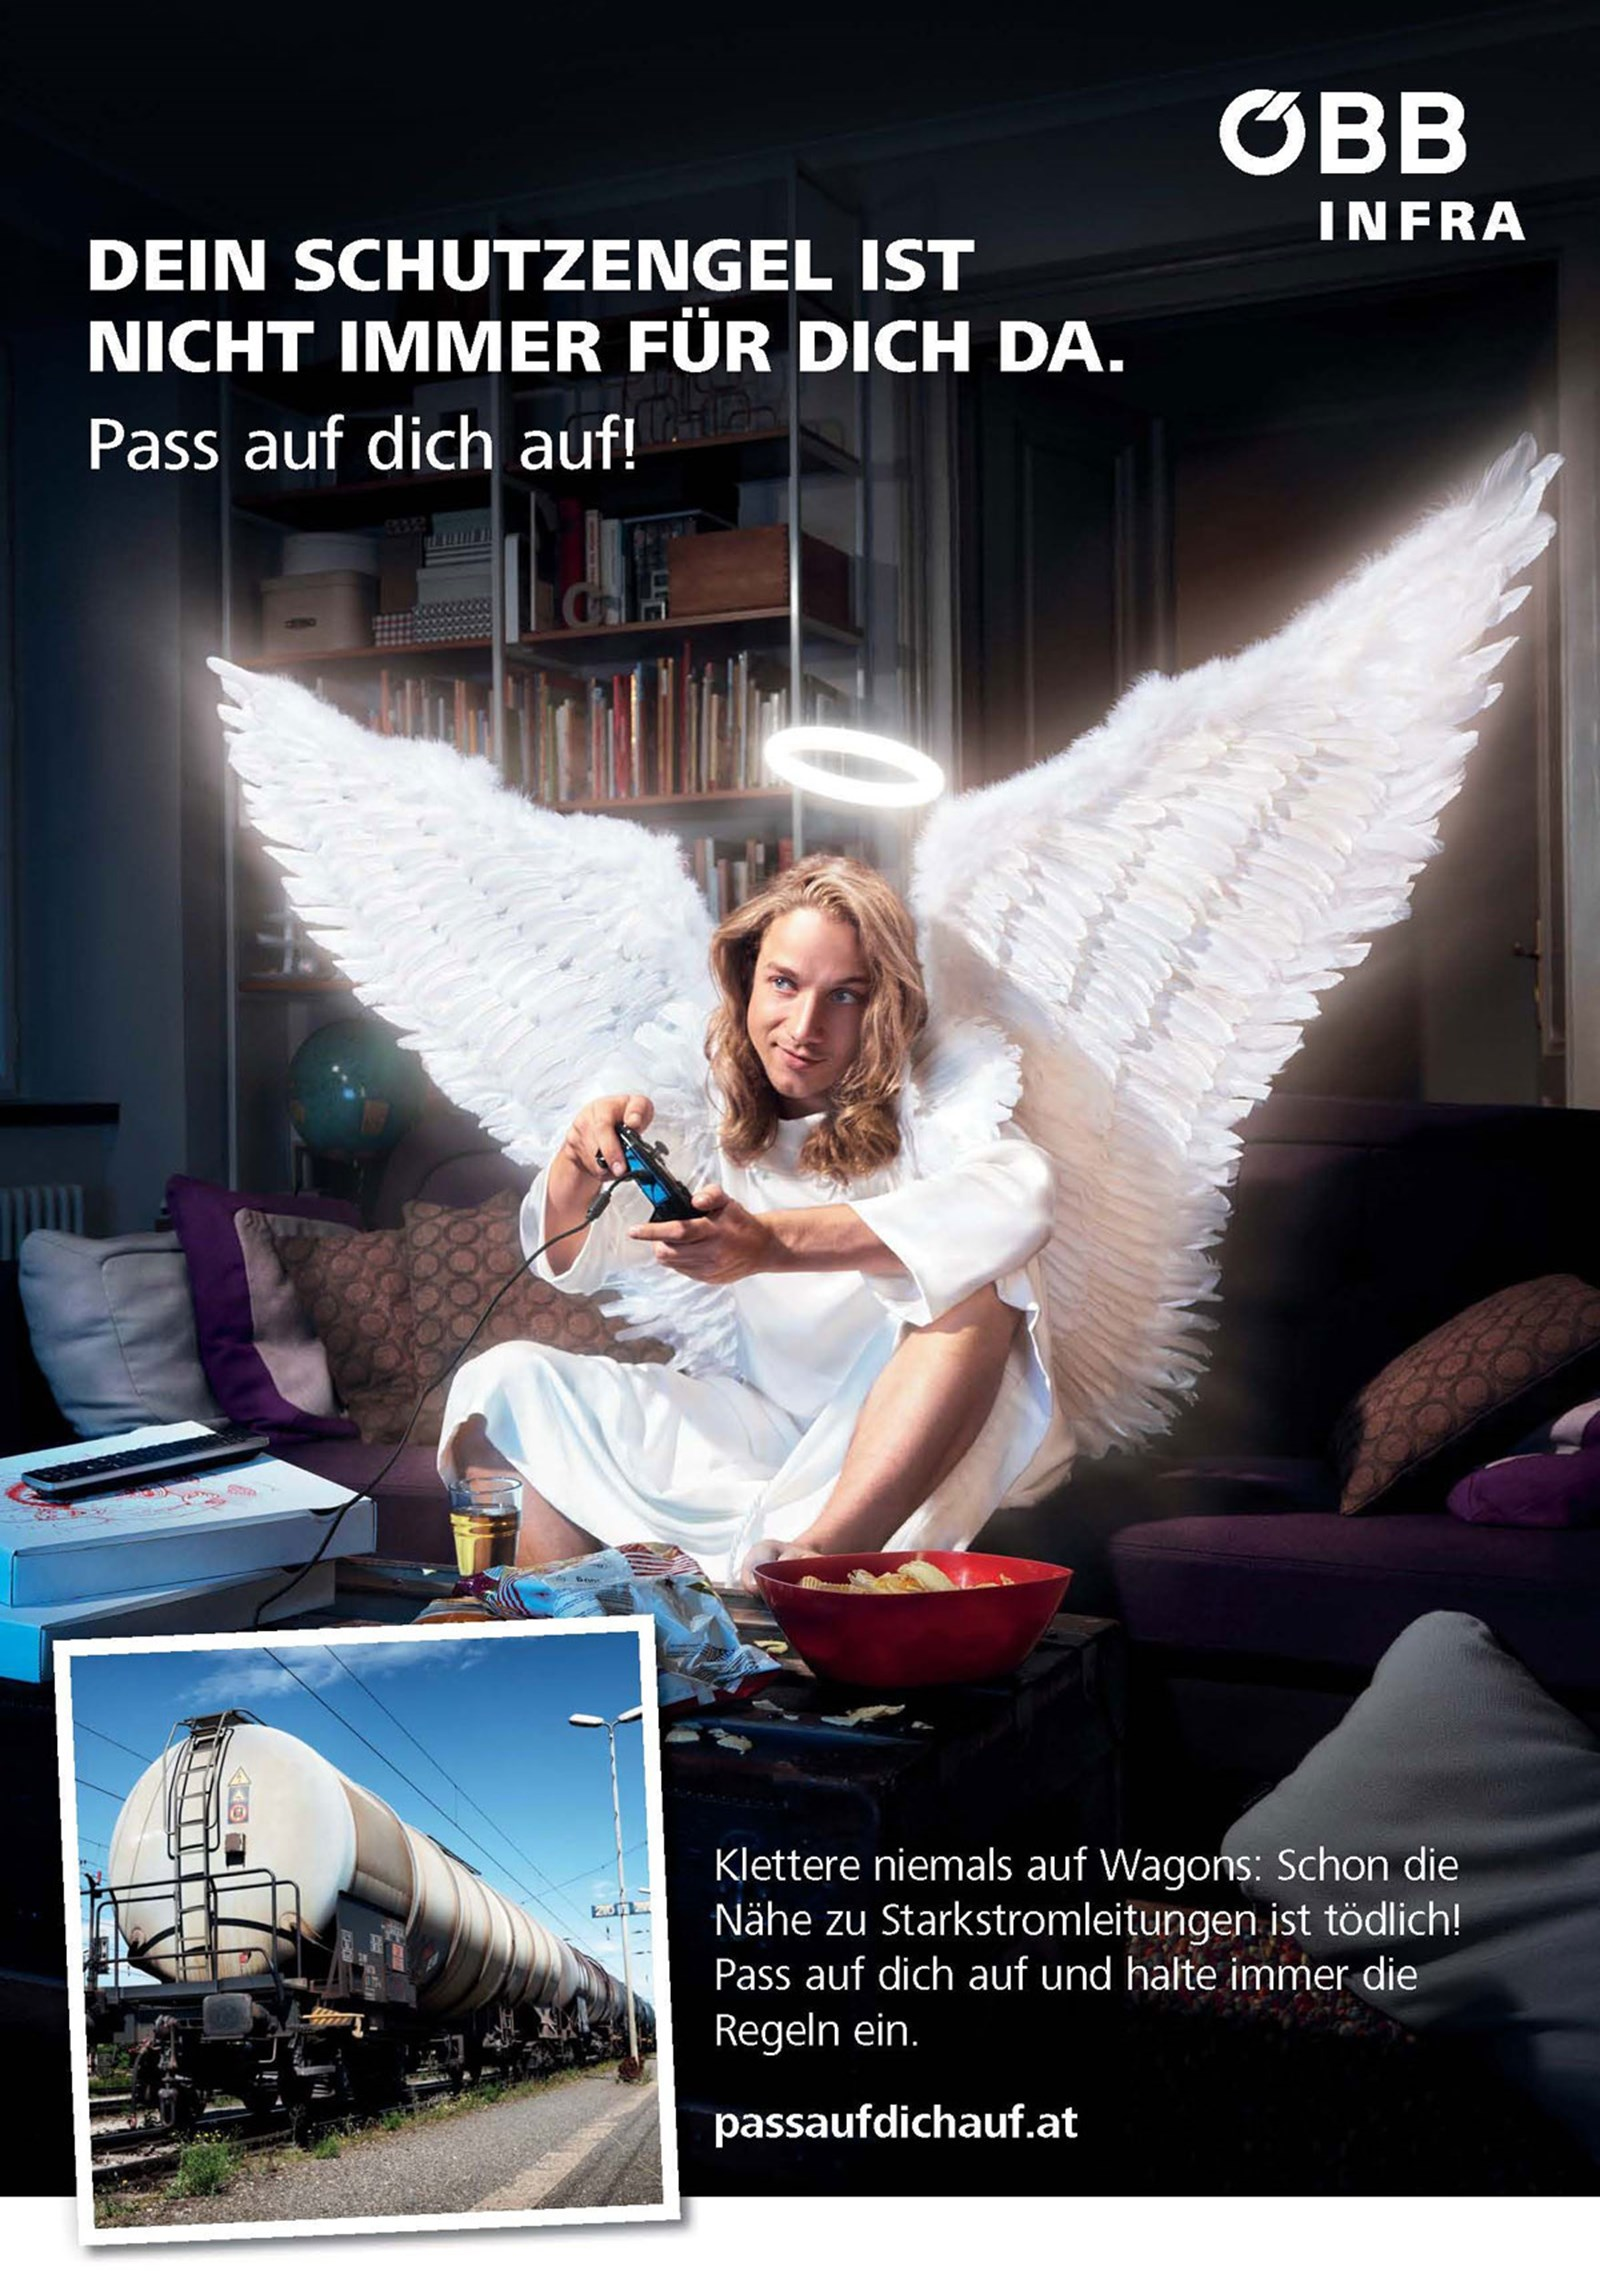 ÖBB-Kampagnenstart: Pass auf dich auf - Werbung